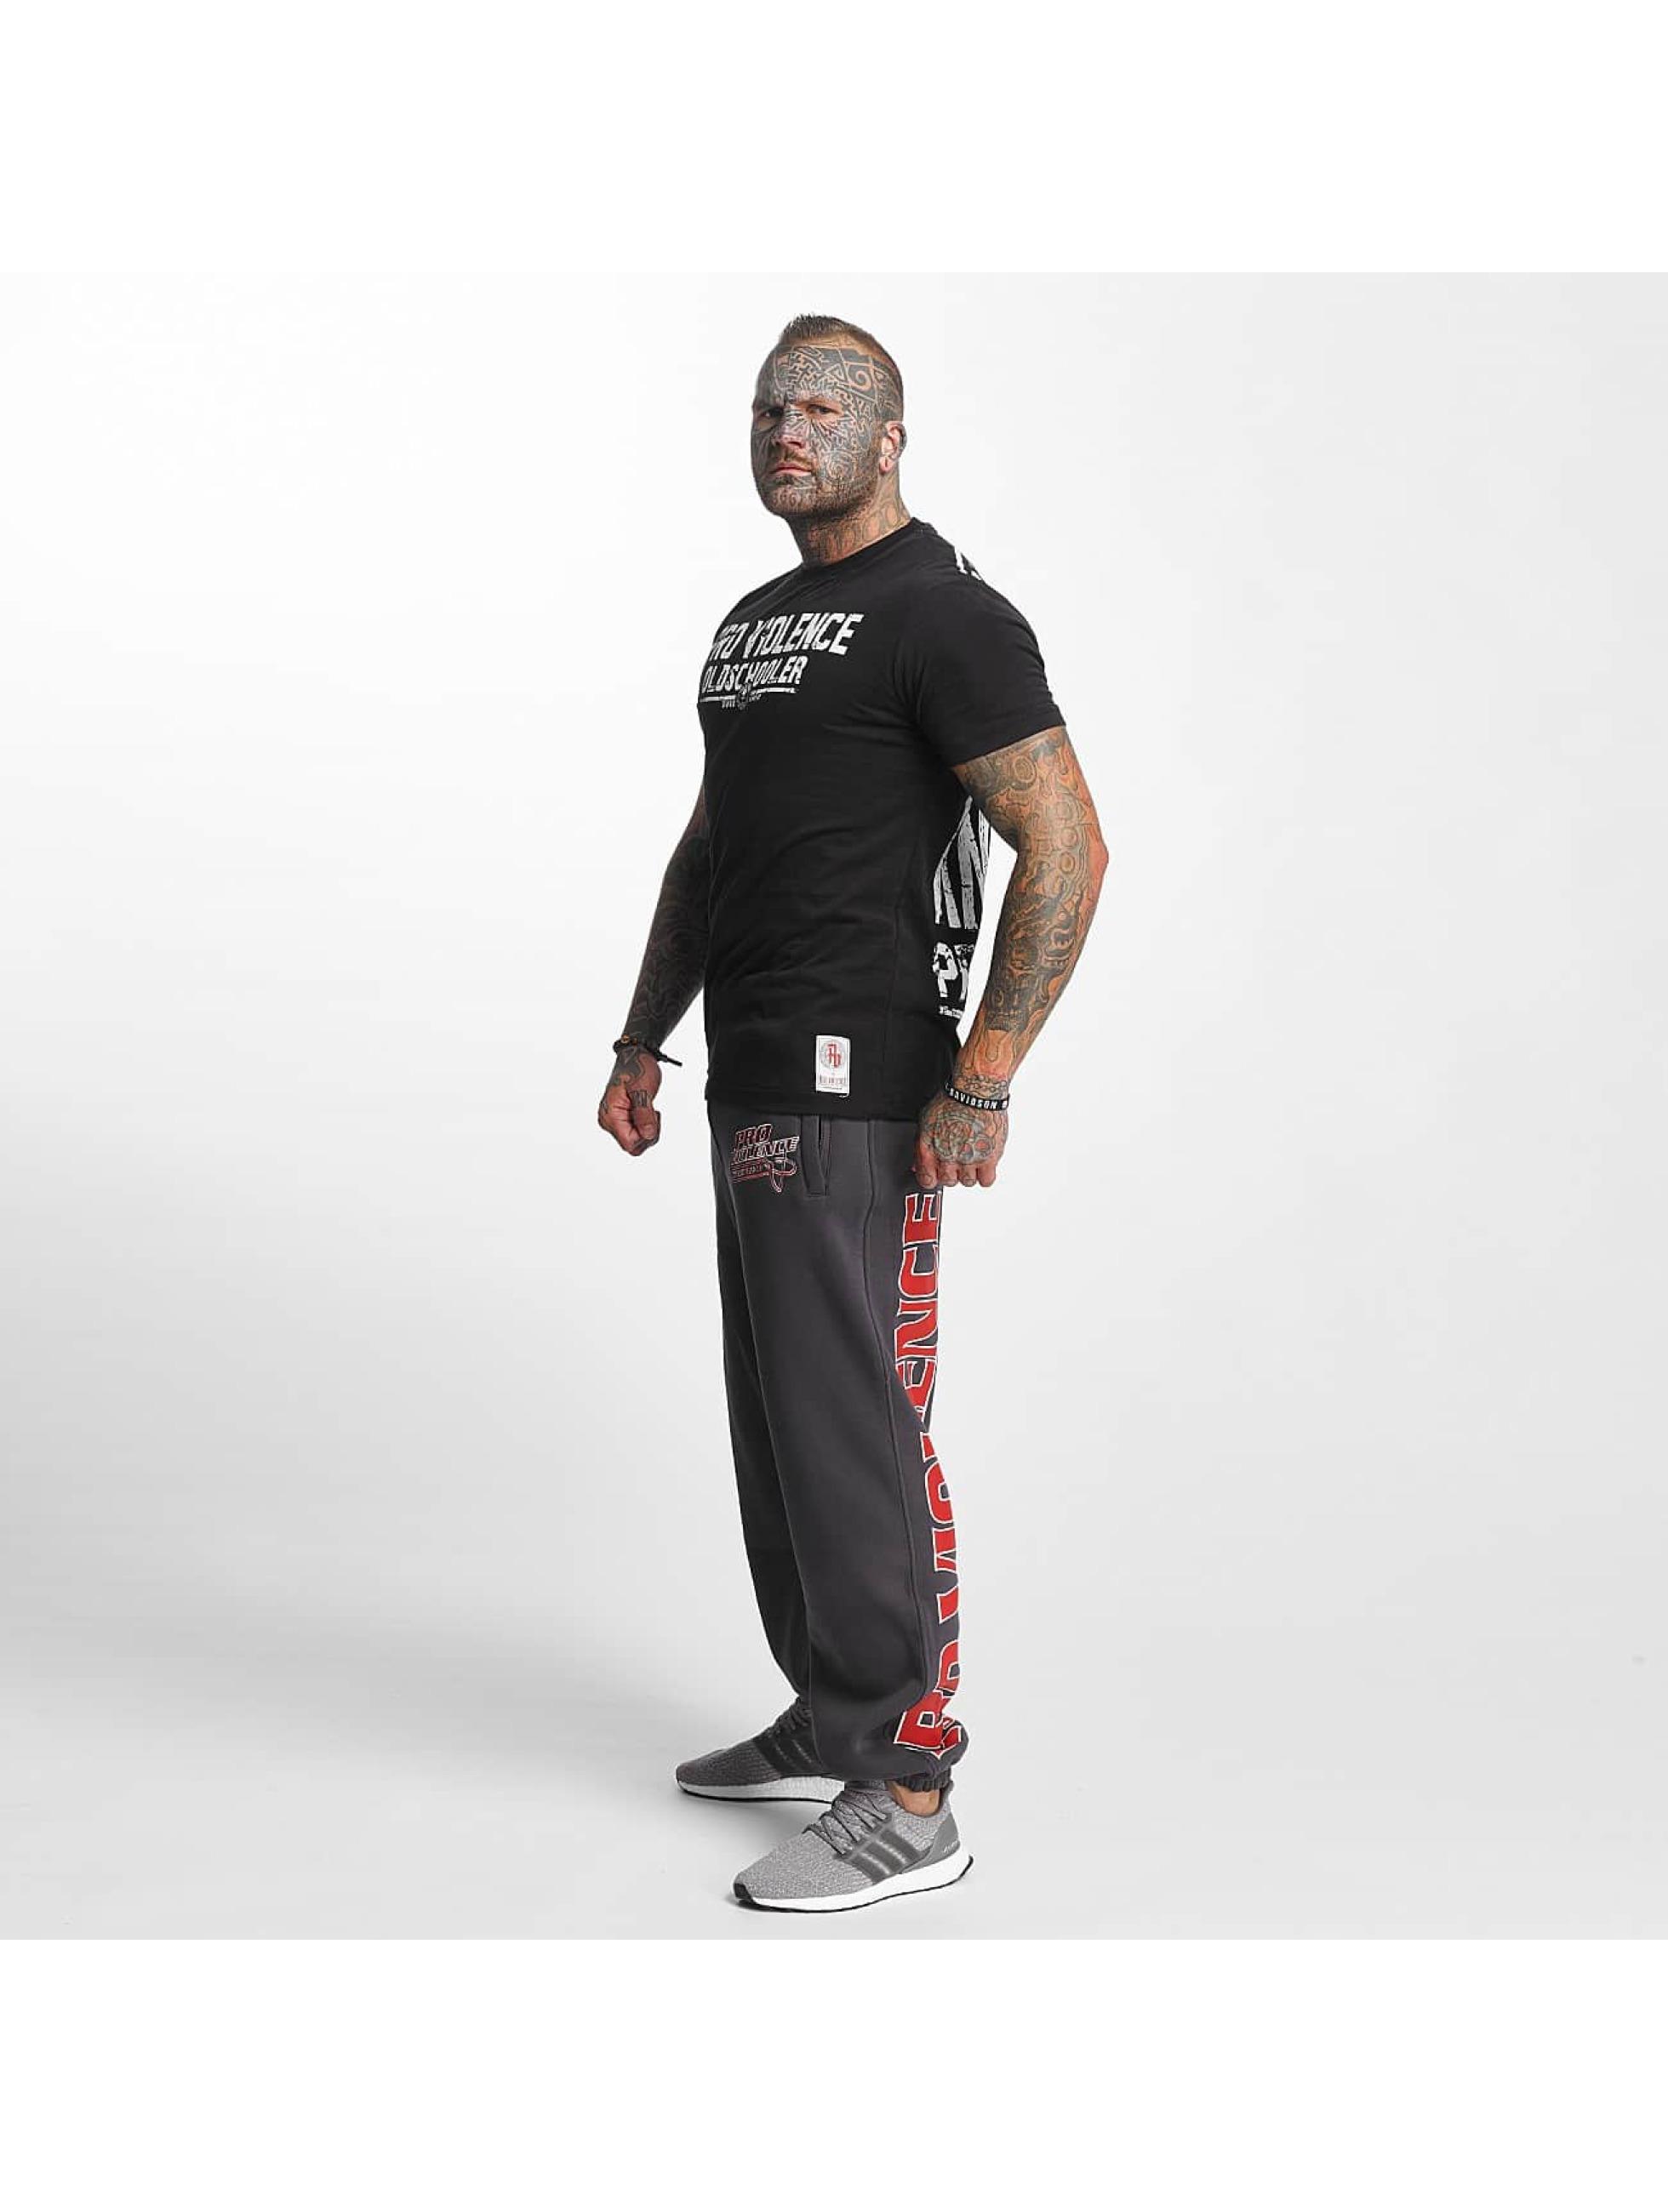 Pro Violence Streetwear T-Shirt Oldschool Hardknocker schwarz